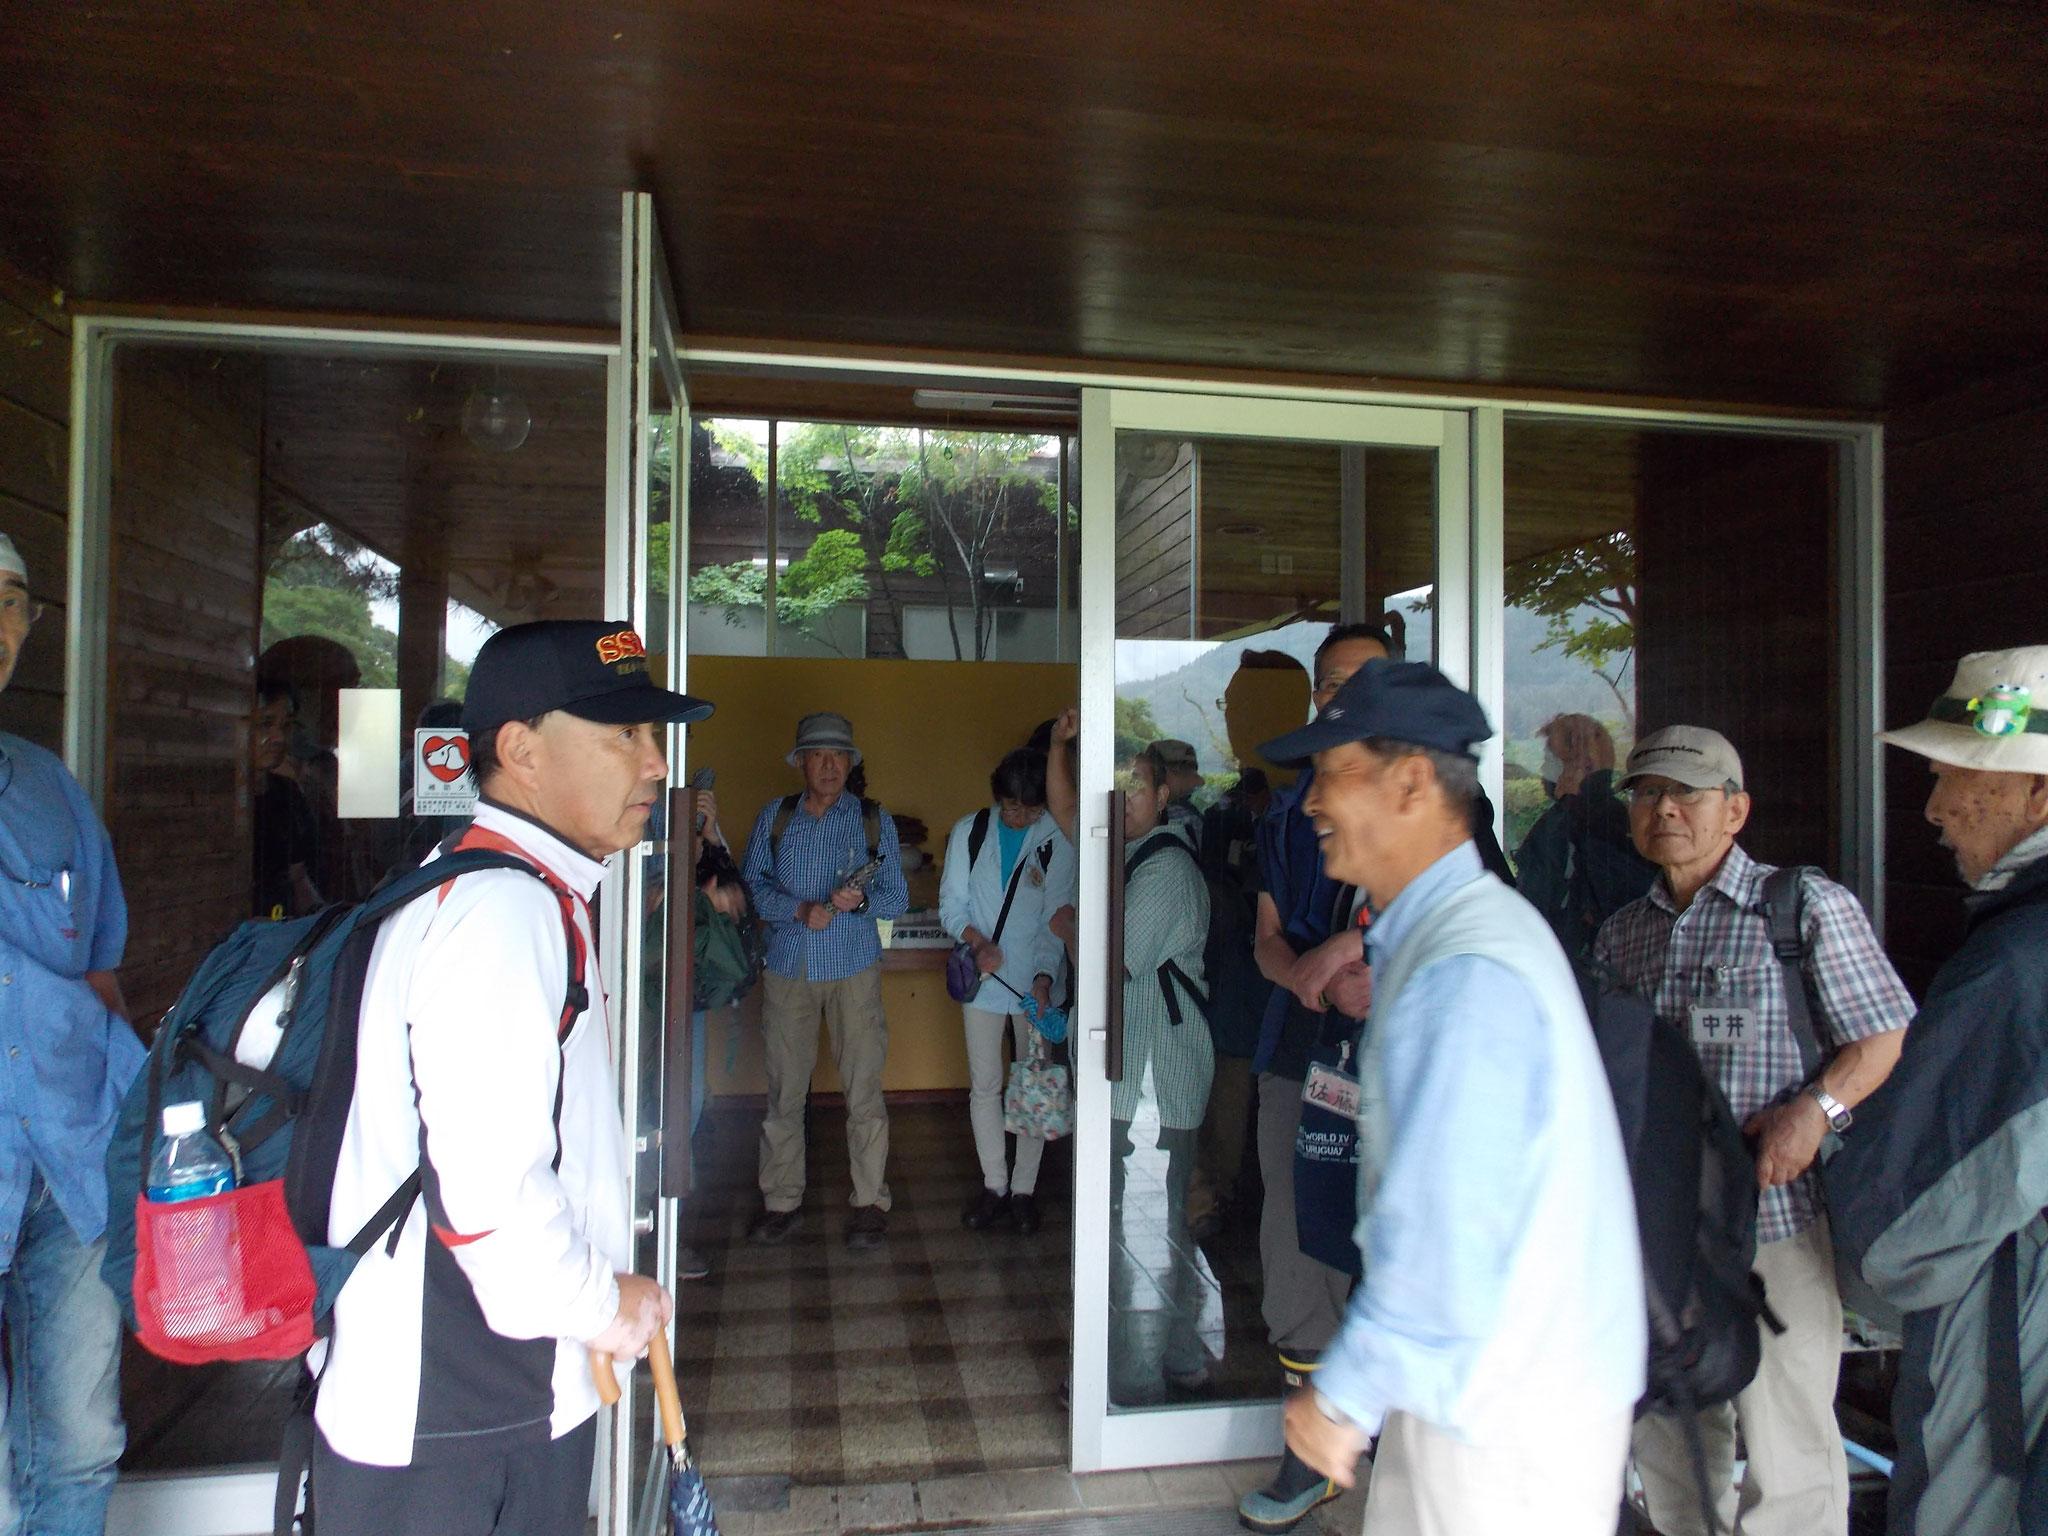 交流センターで雨の為入り口付近で集合